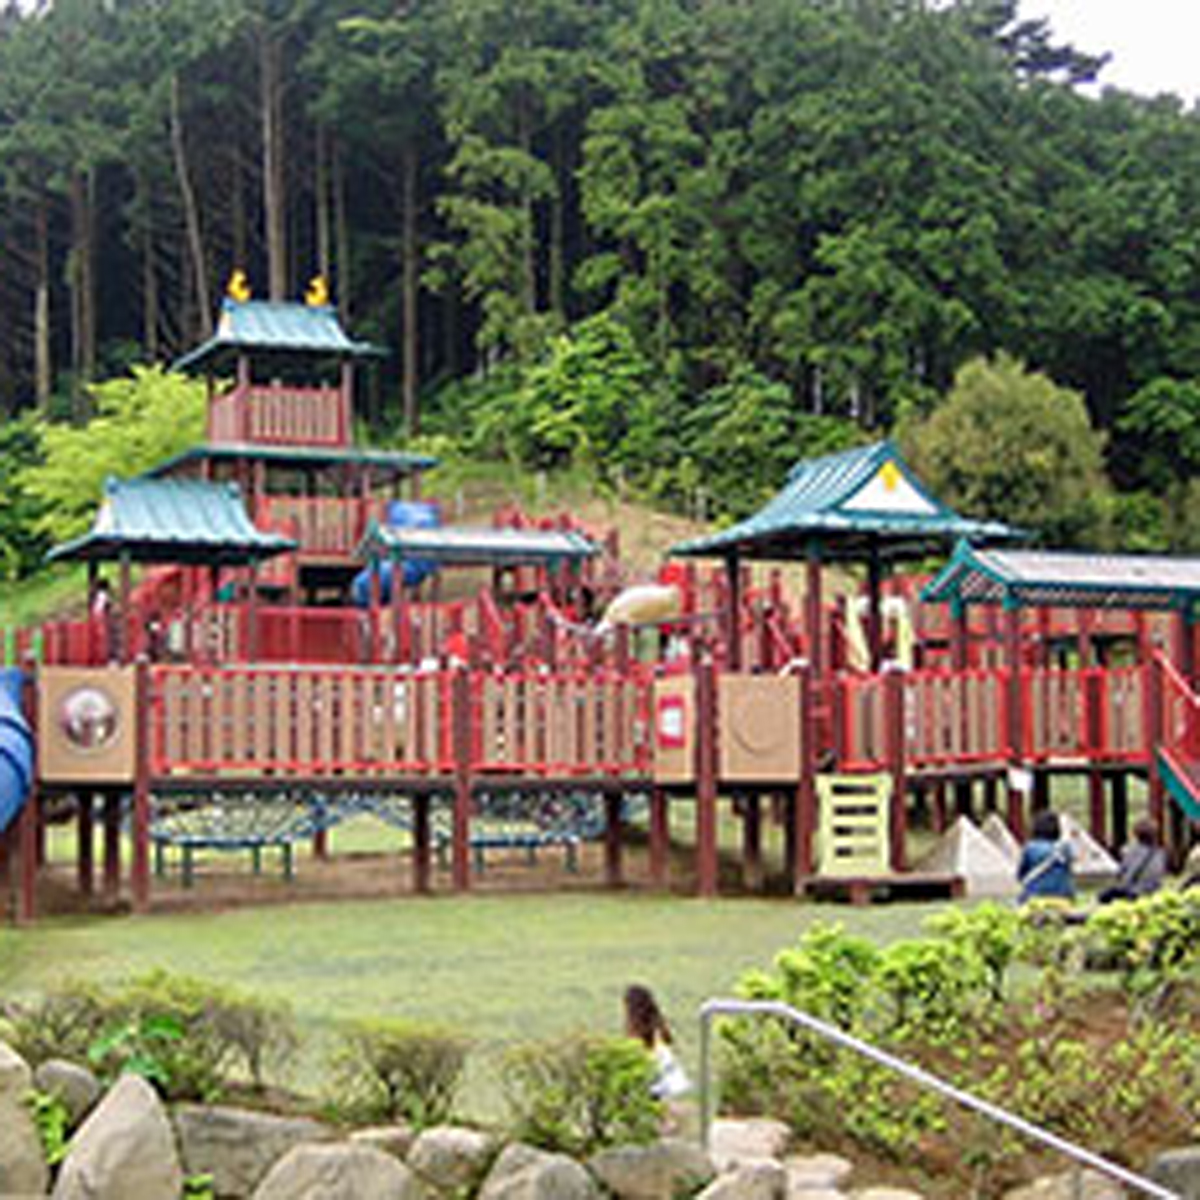 遊びに熱中できる感動と発見の公園 小田原こどもの森公園わんぱくらんどについて